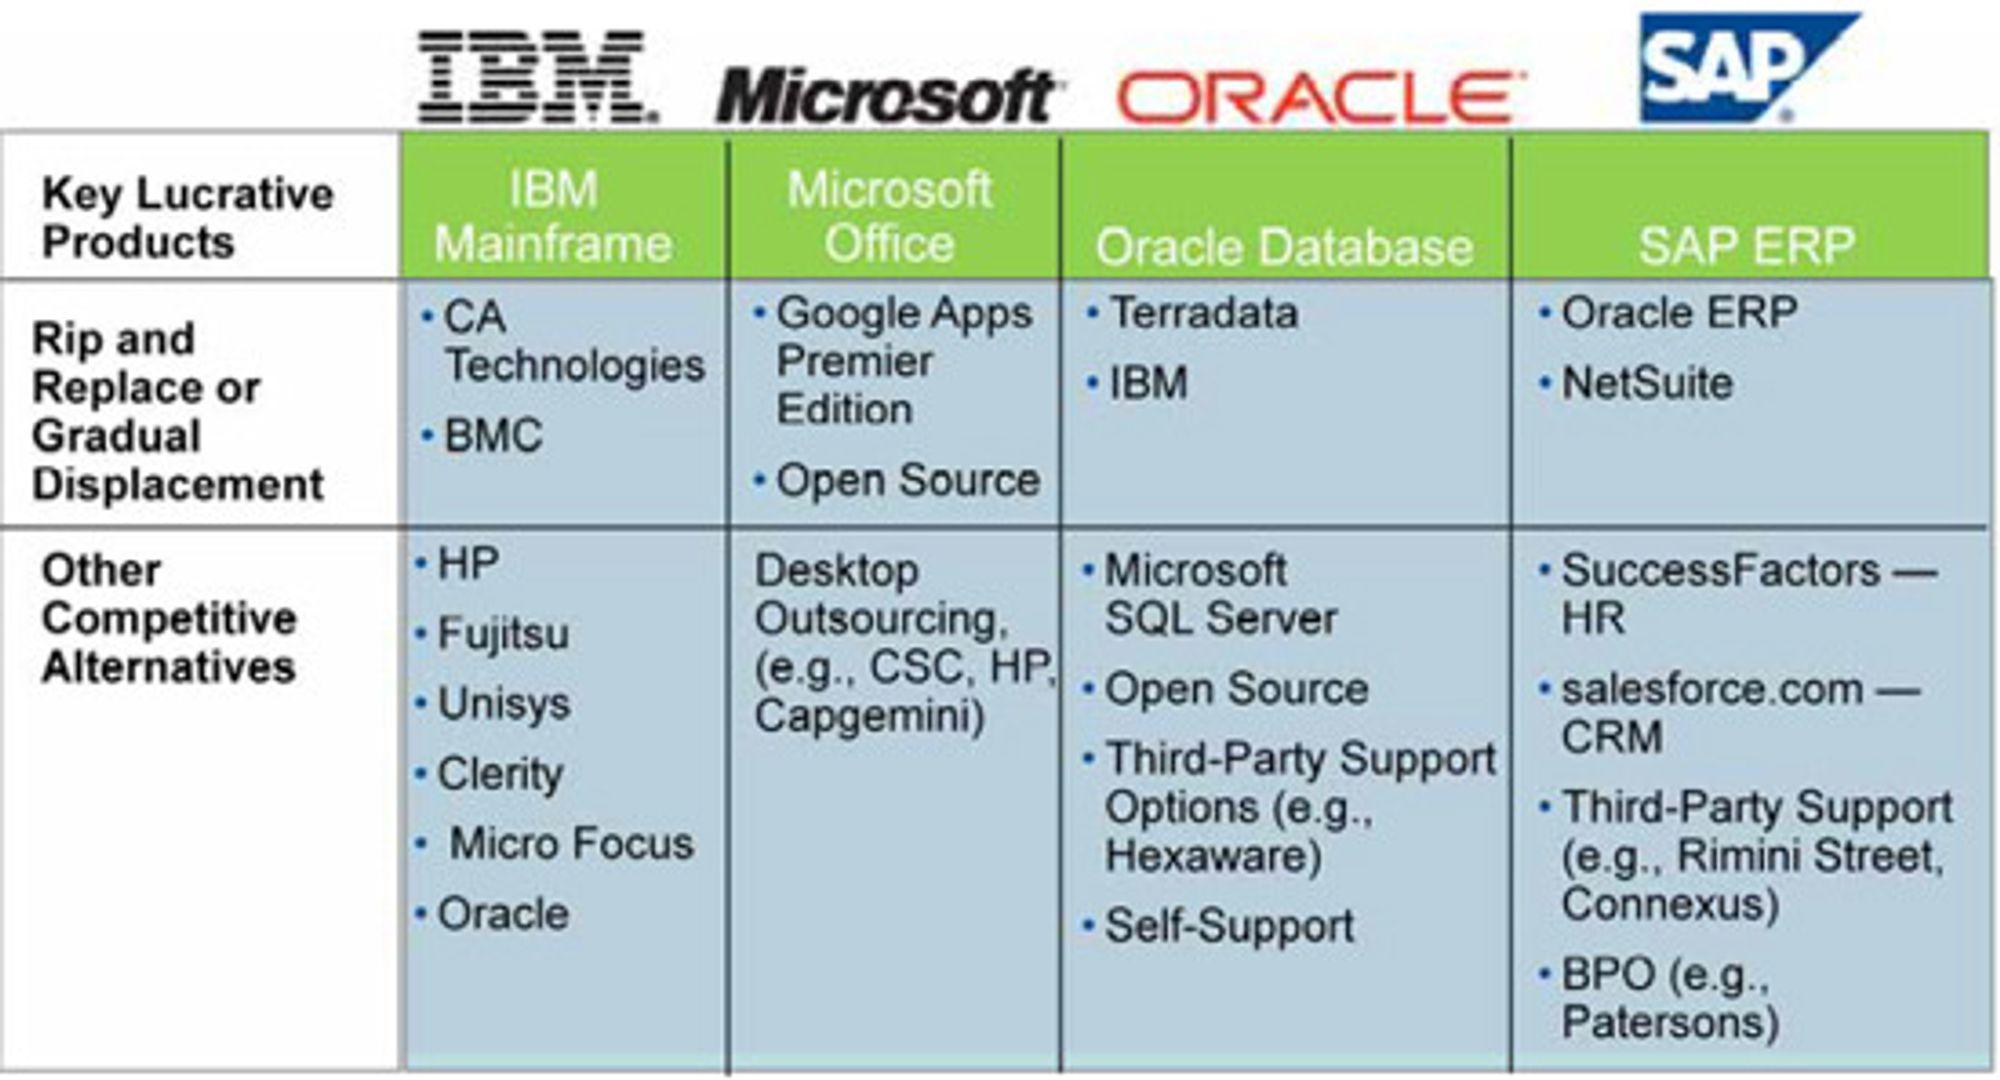 Konkurrerende vare til megaleverandørenes mest innbringende produkter. Merk muligheter for tredjepart support til SAP.